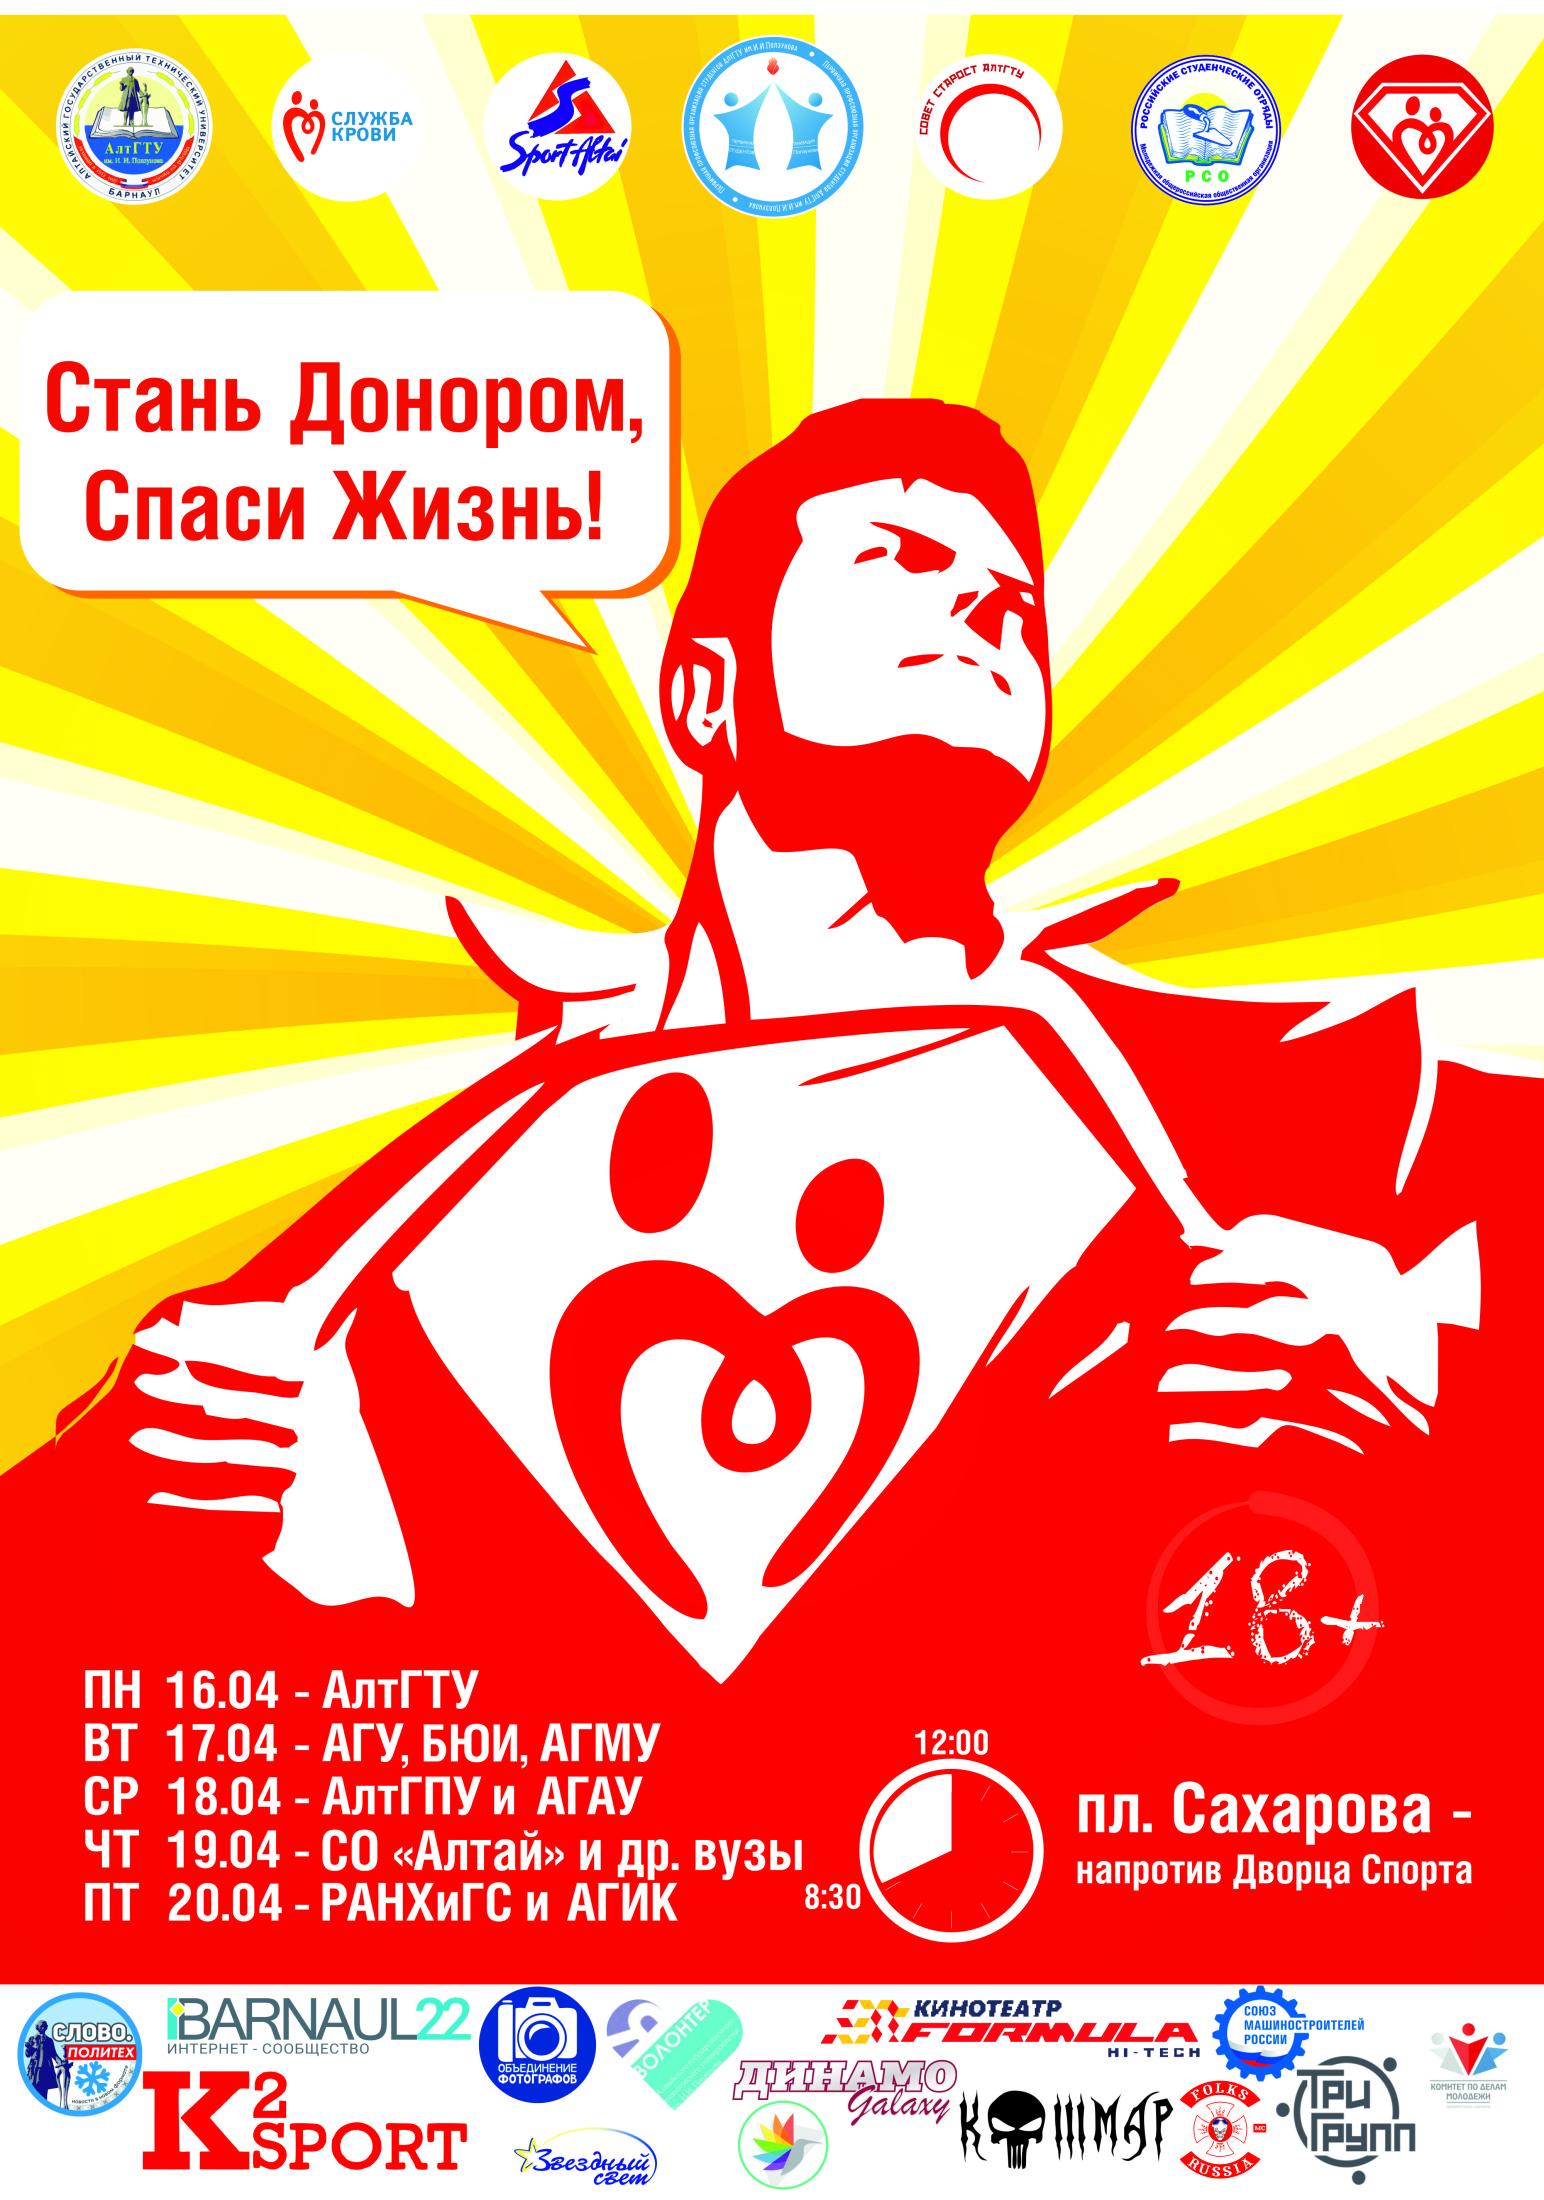 наличники картинки пропаганда донорства работы